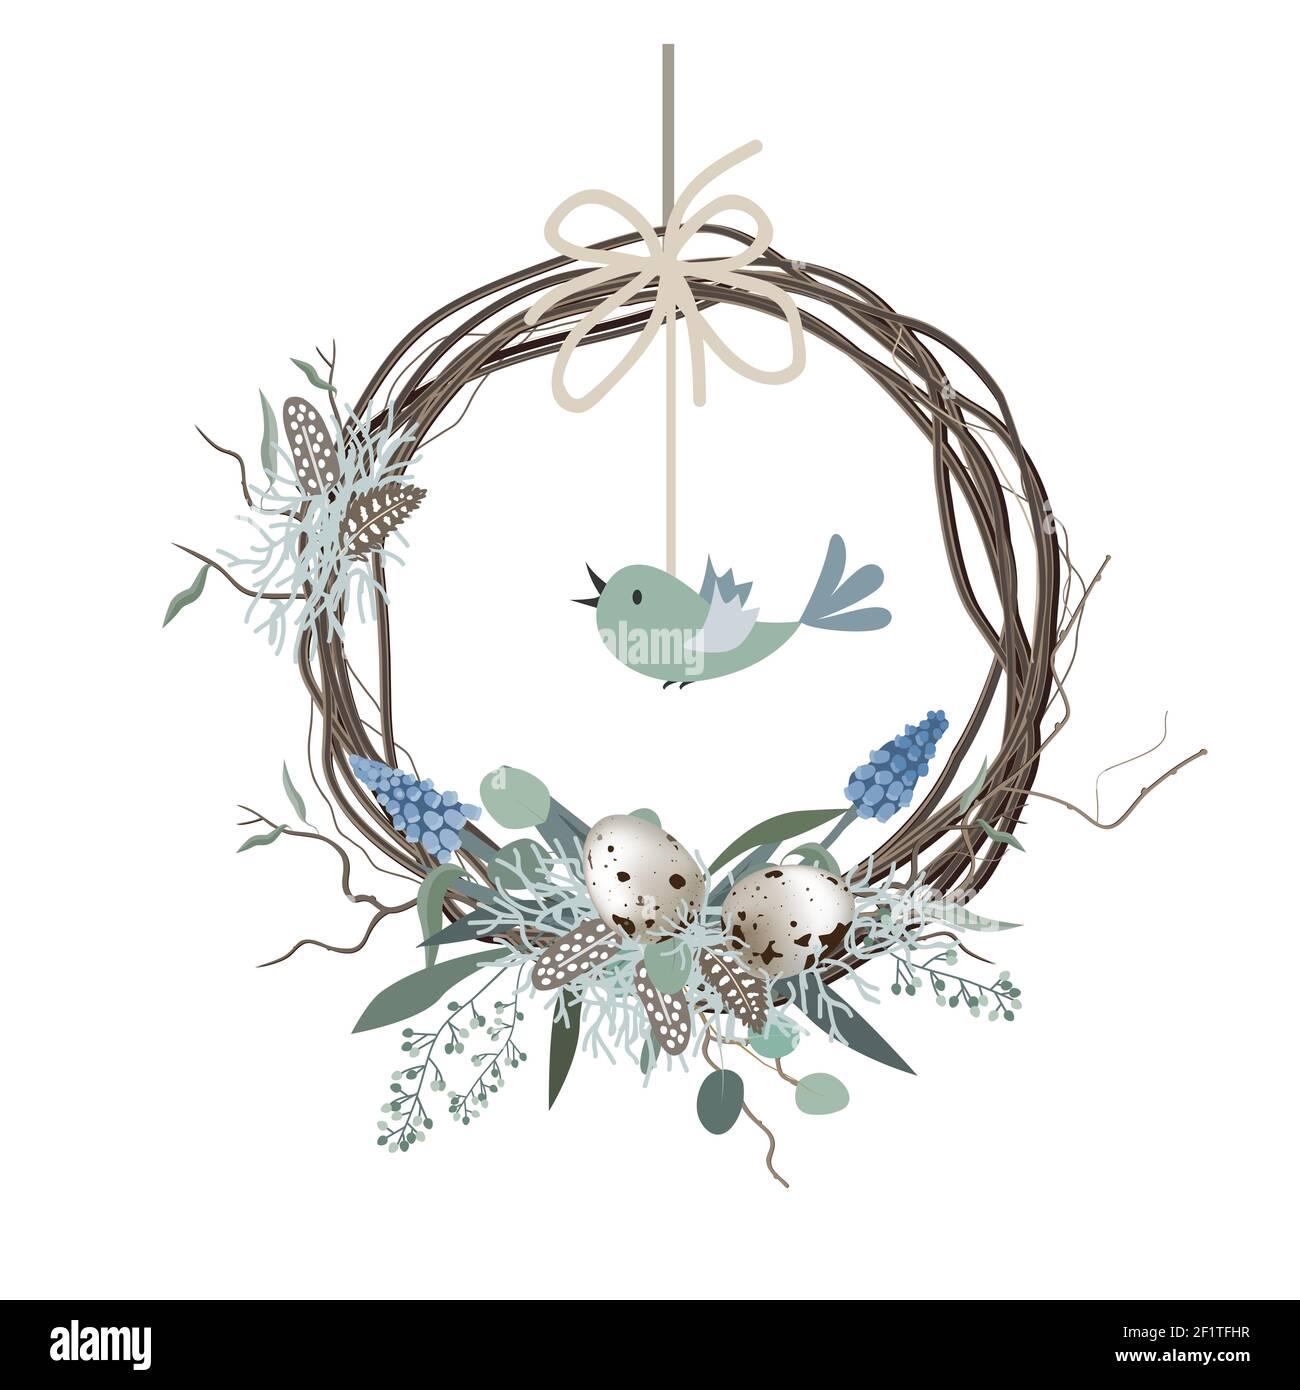 Happy Easter card, corona in stile scandinavo con uova colorate e piume d'uccello. Decorazioni primaverili. Illustrazione vettoriale disegnata a mano isolata in bianco Illustrazione Vettoriale